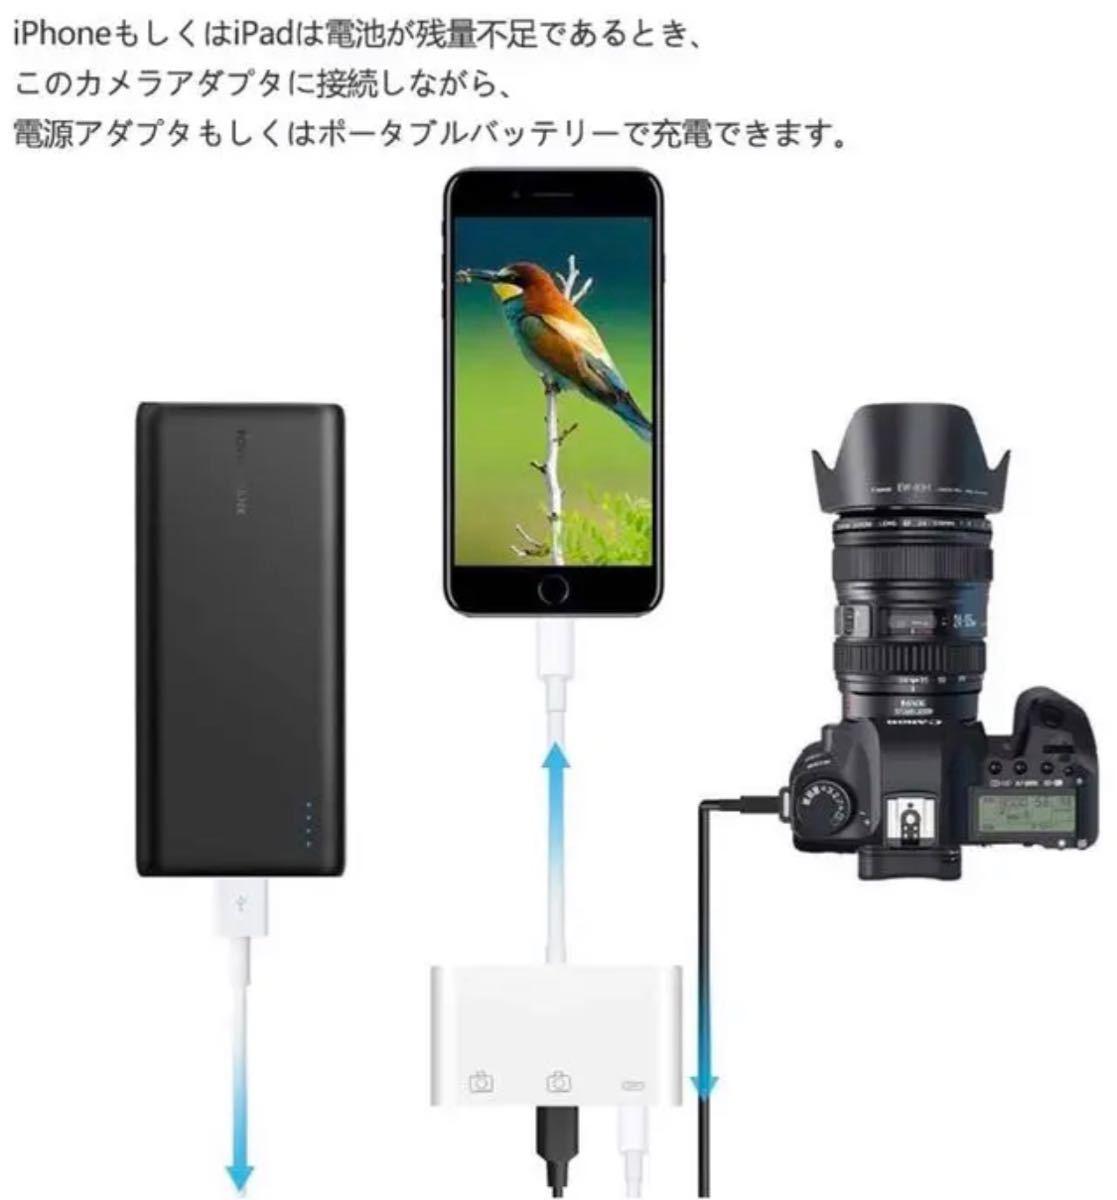 iPhone HDMI 変換ケーブル ライトニング HDMI コネクタケーブル